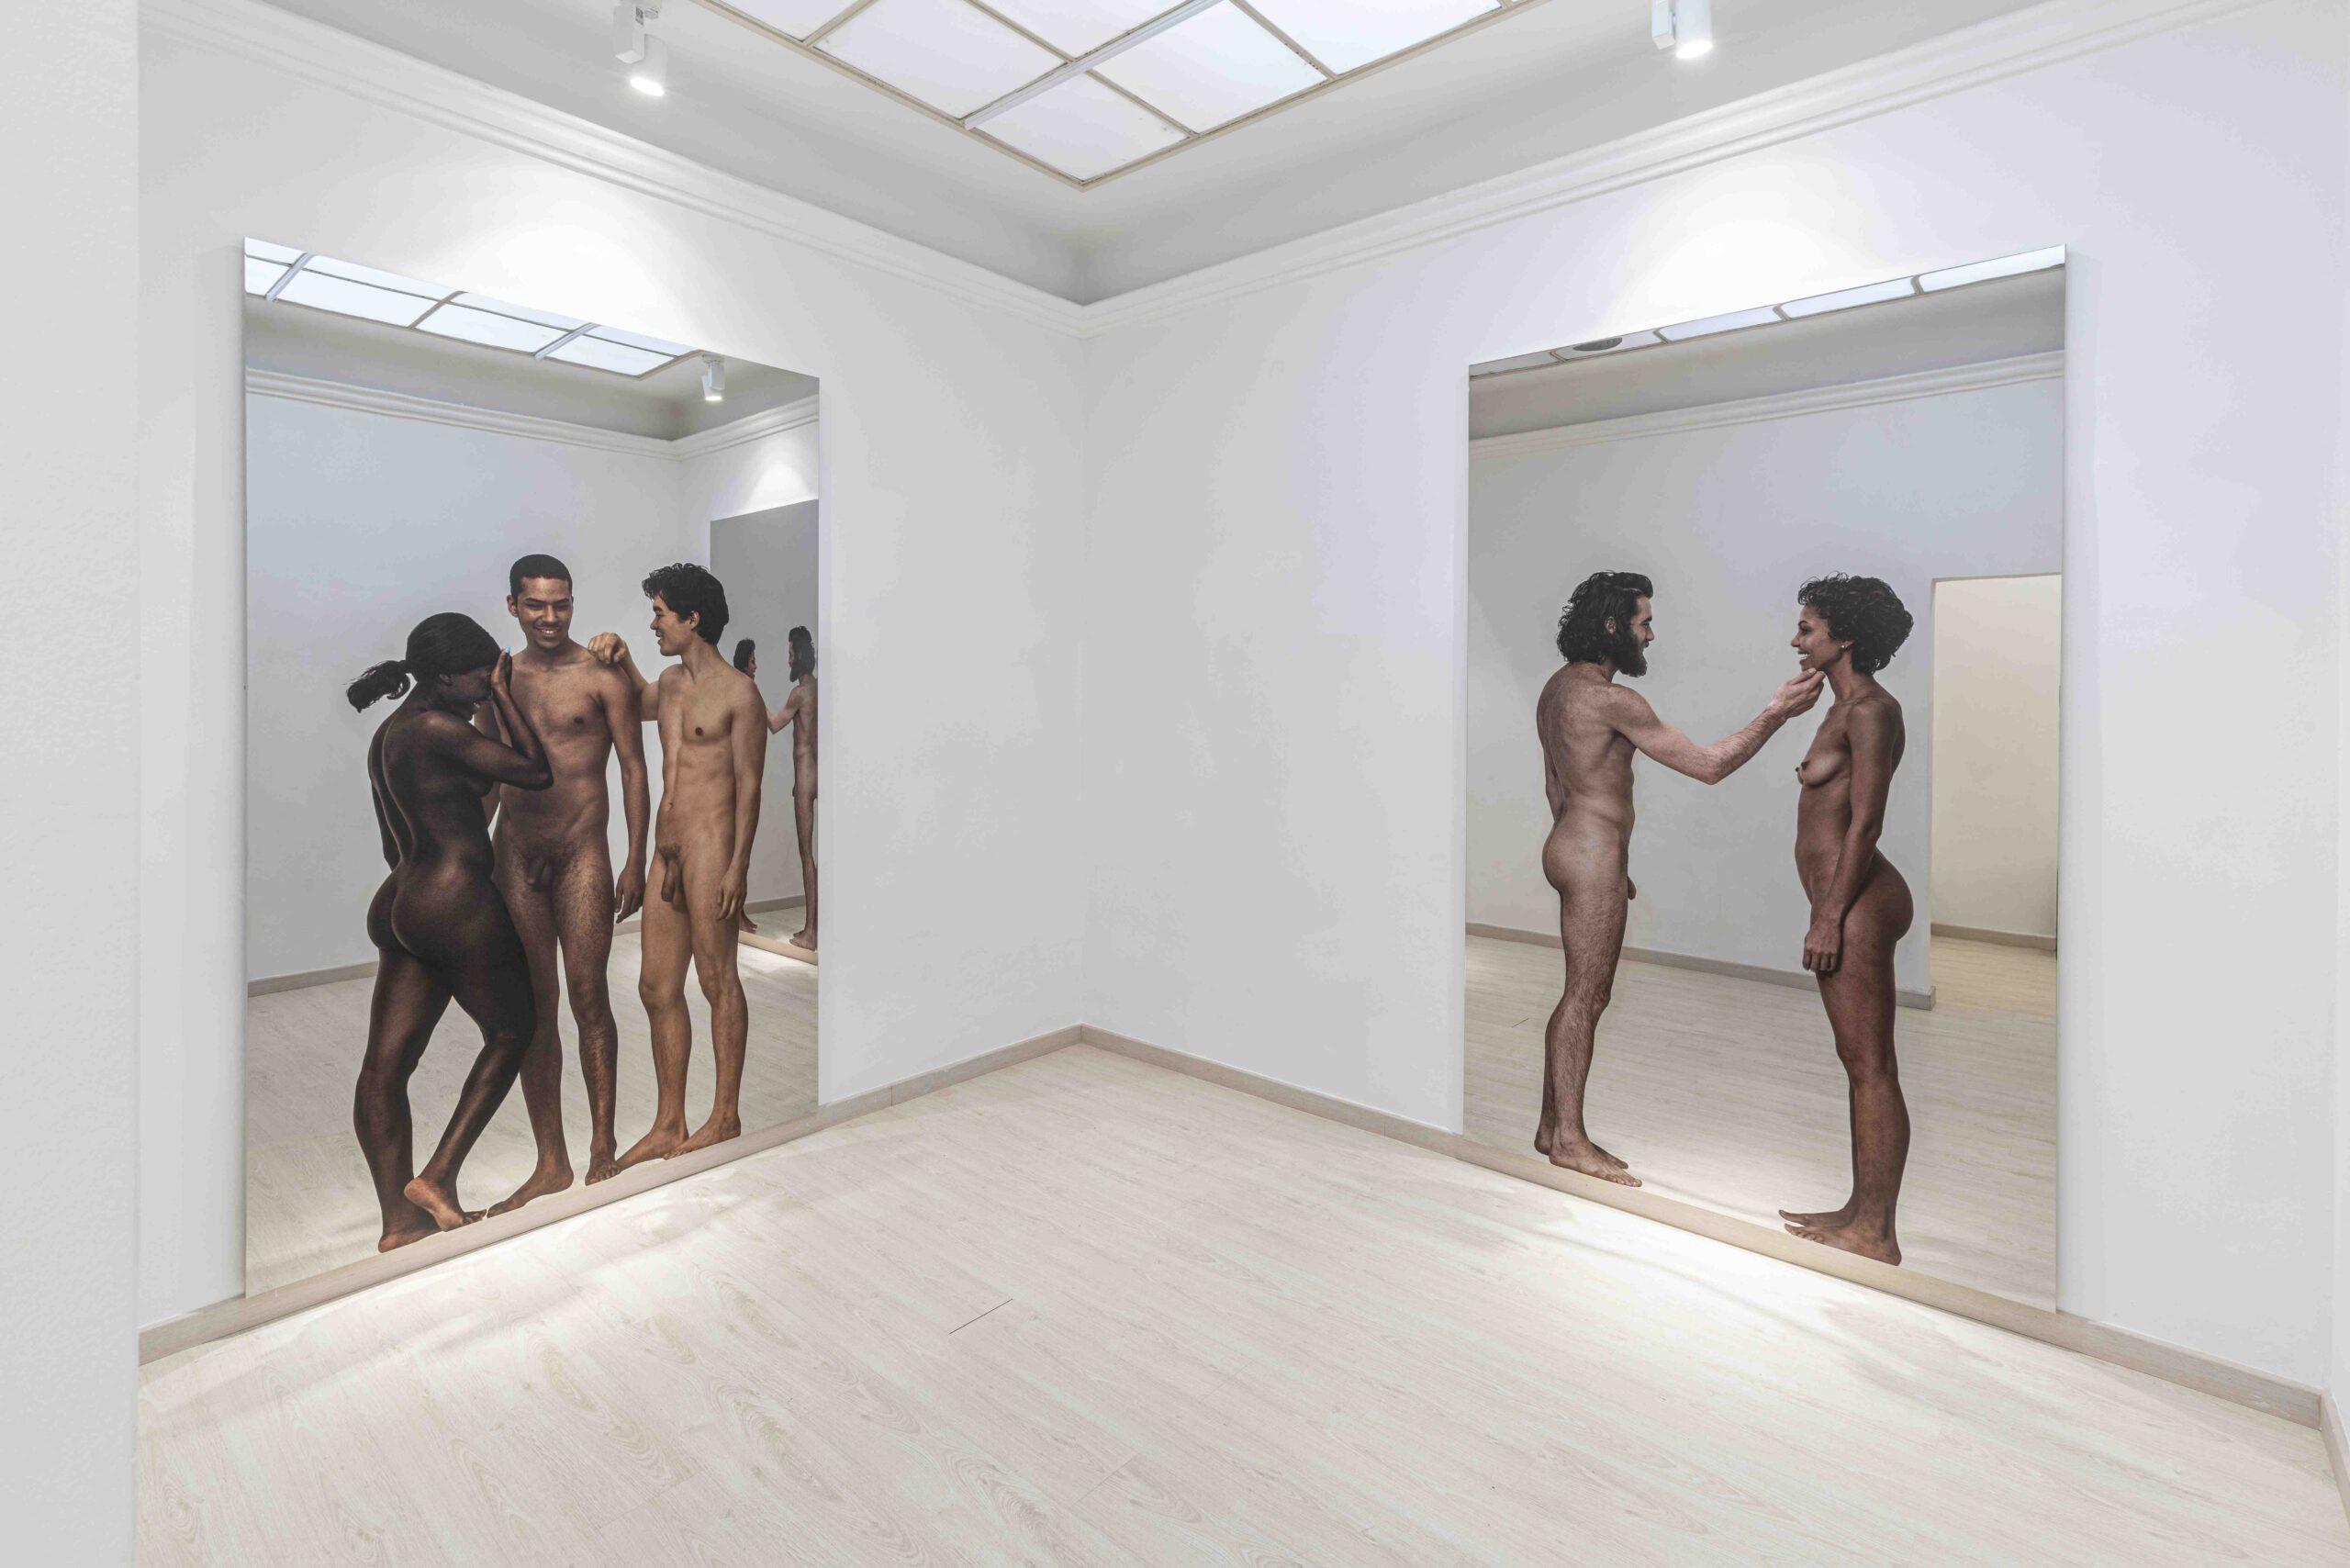 Michelangelo-Pistoletto-Messanudo-2020-vedute-della-mostra-Galleria-Continua-San-Gimignano